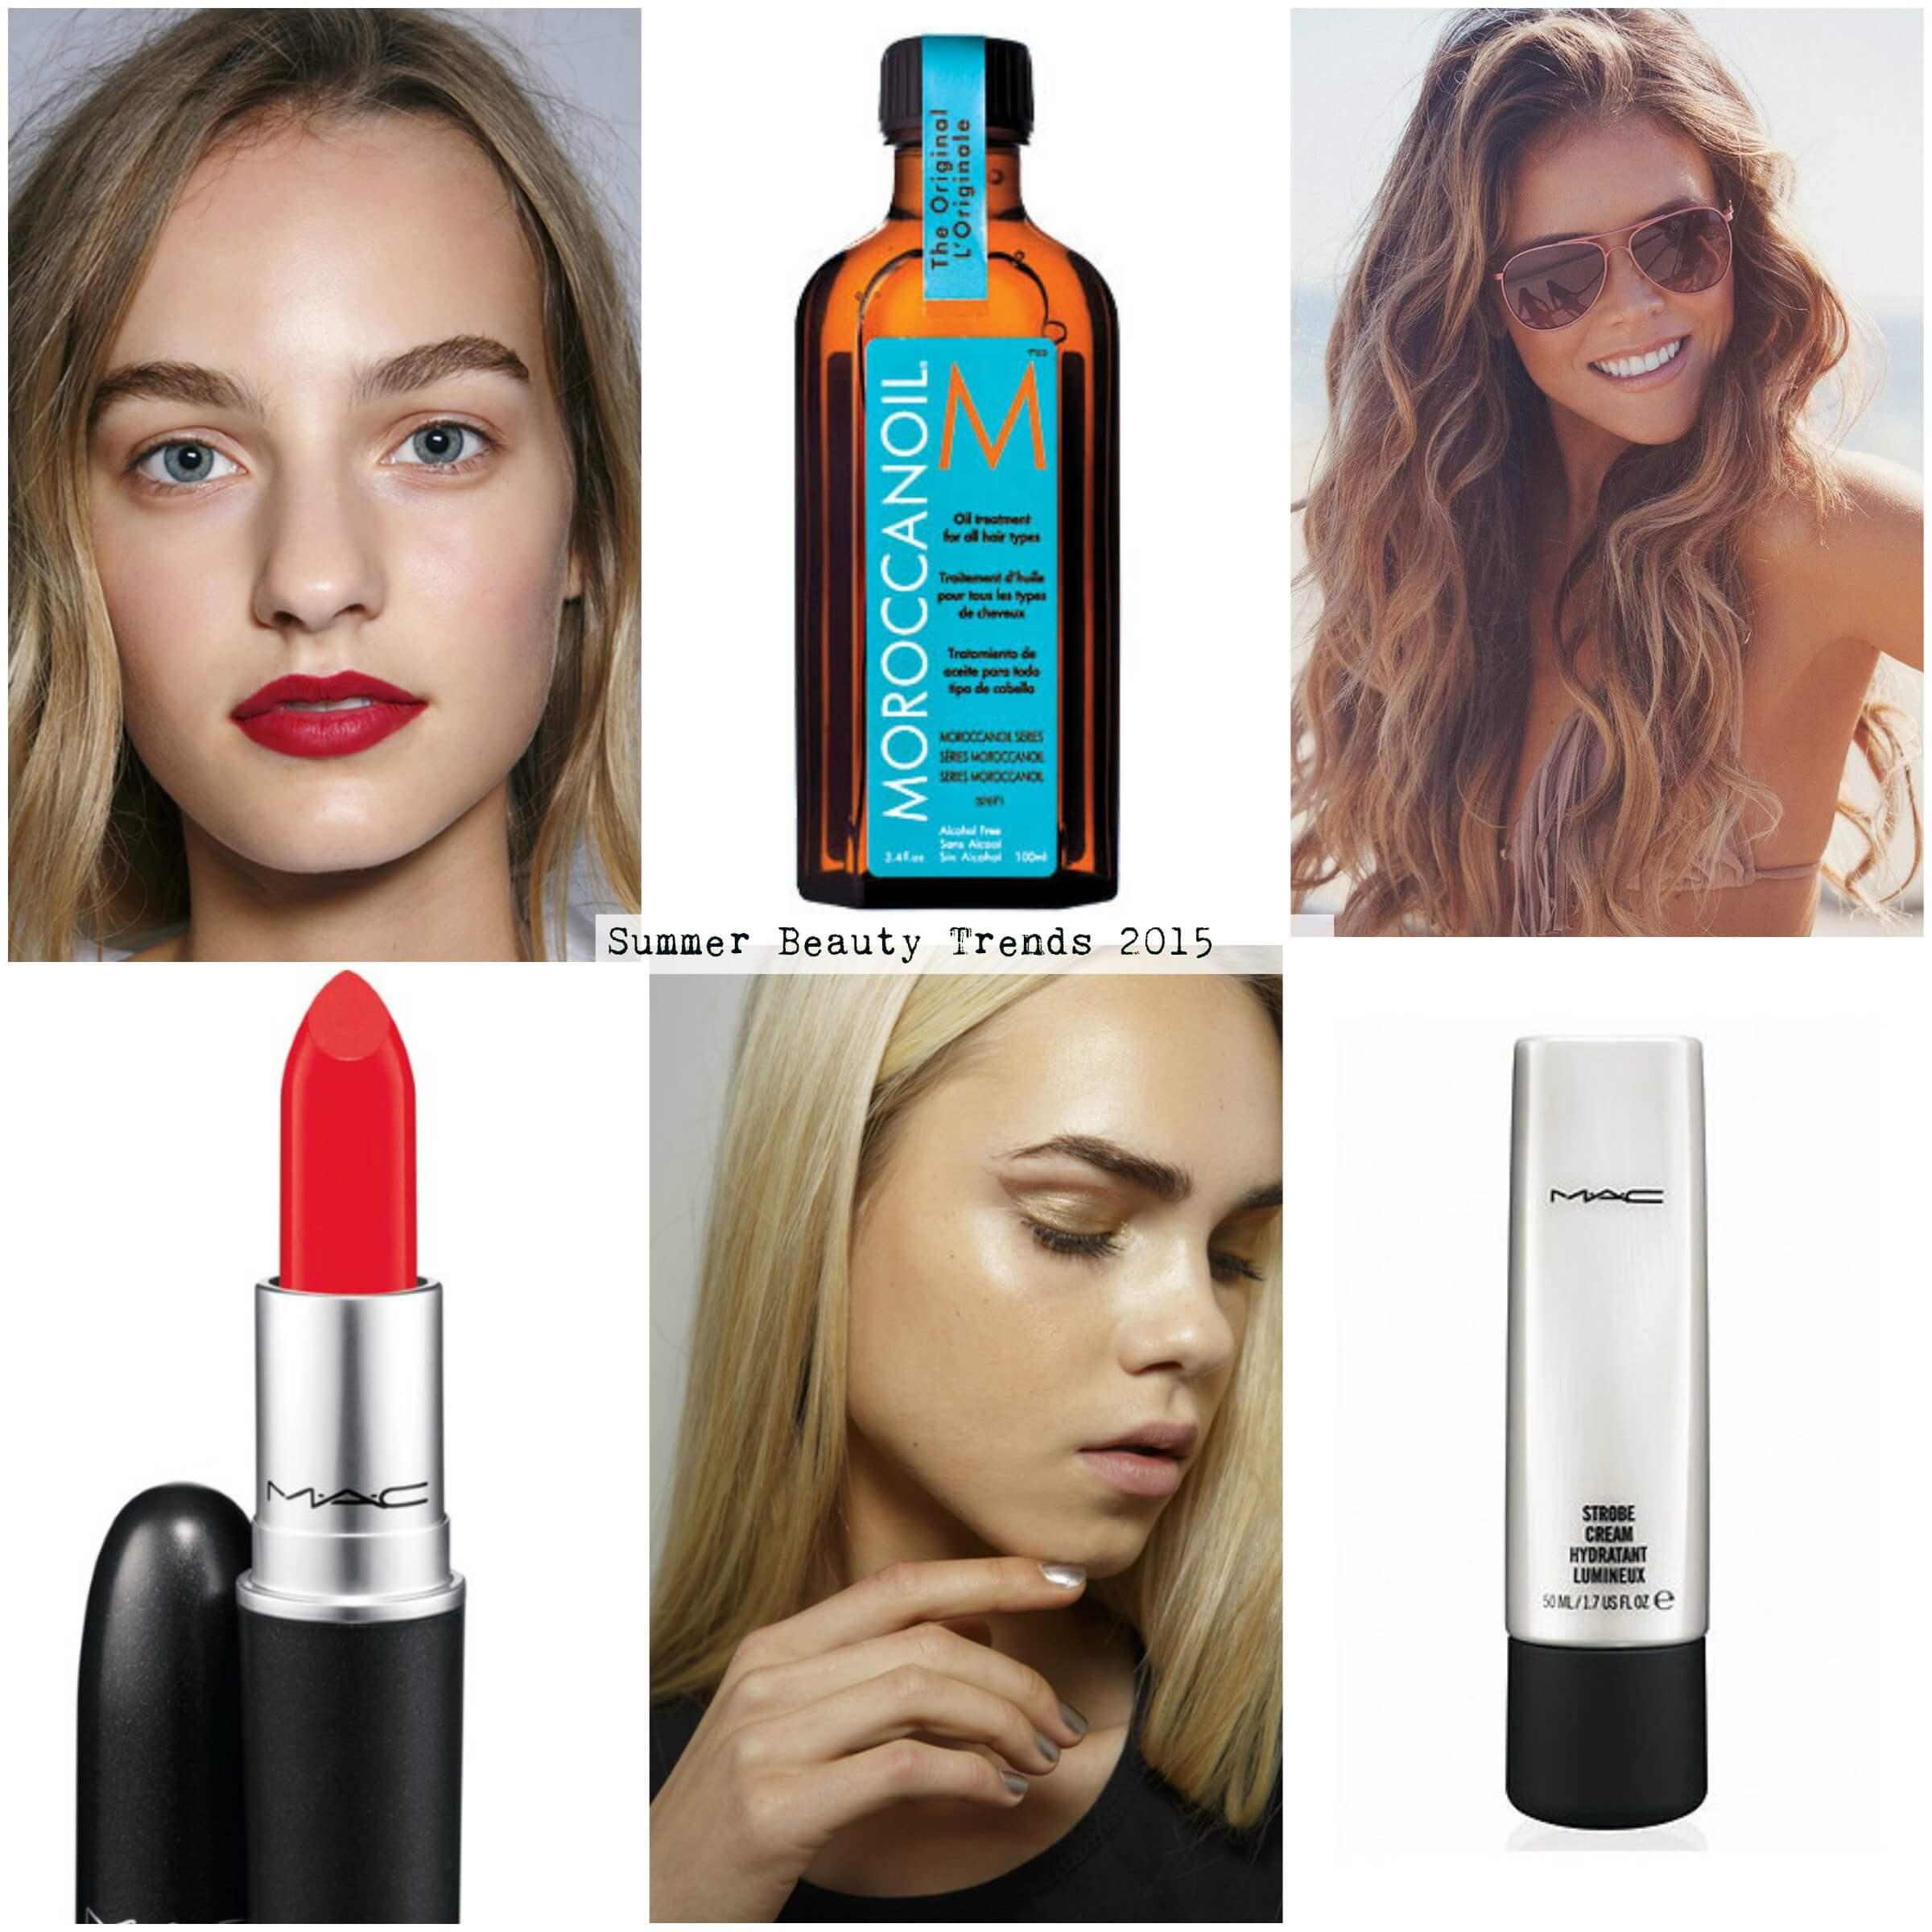 Summer Beauty Trends 2015